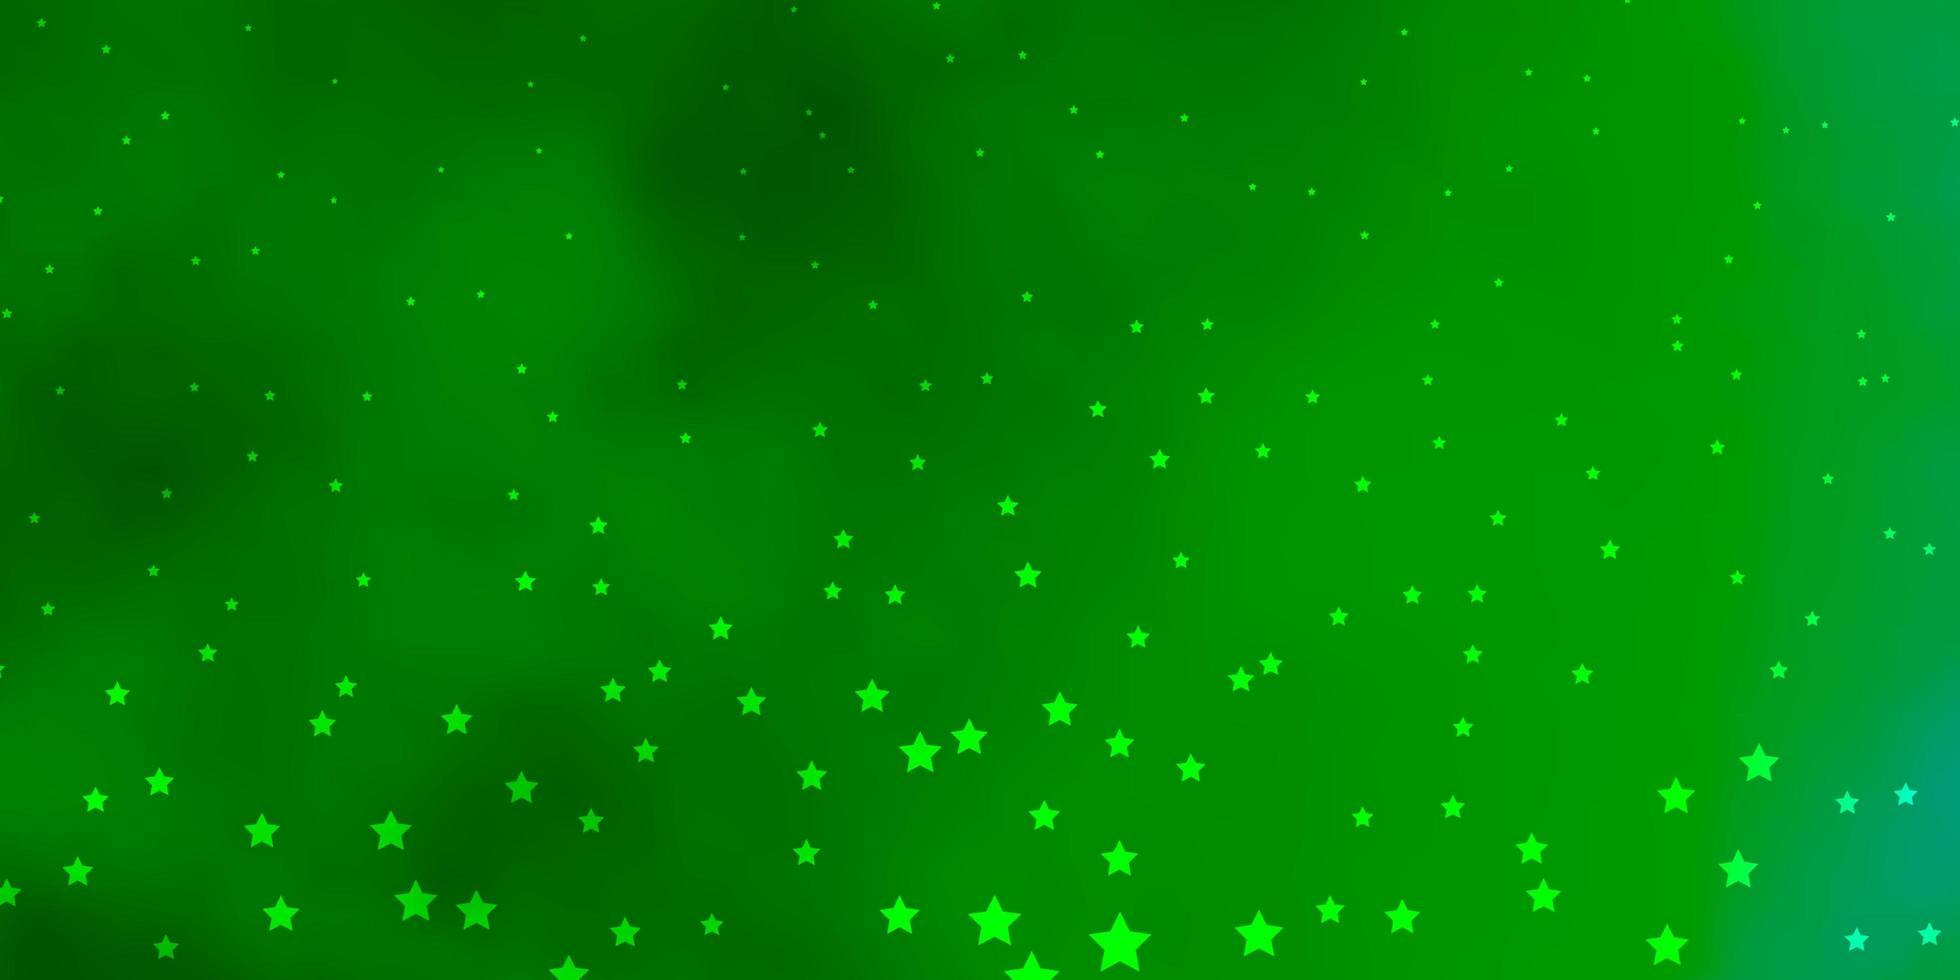 textura verde com belas estrelas. vetor